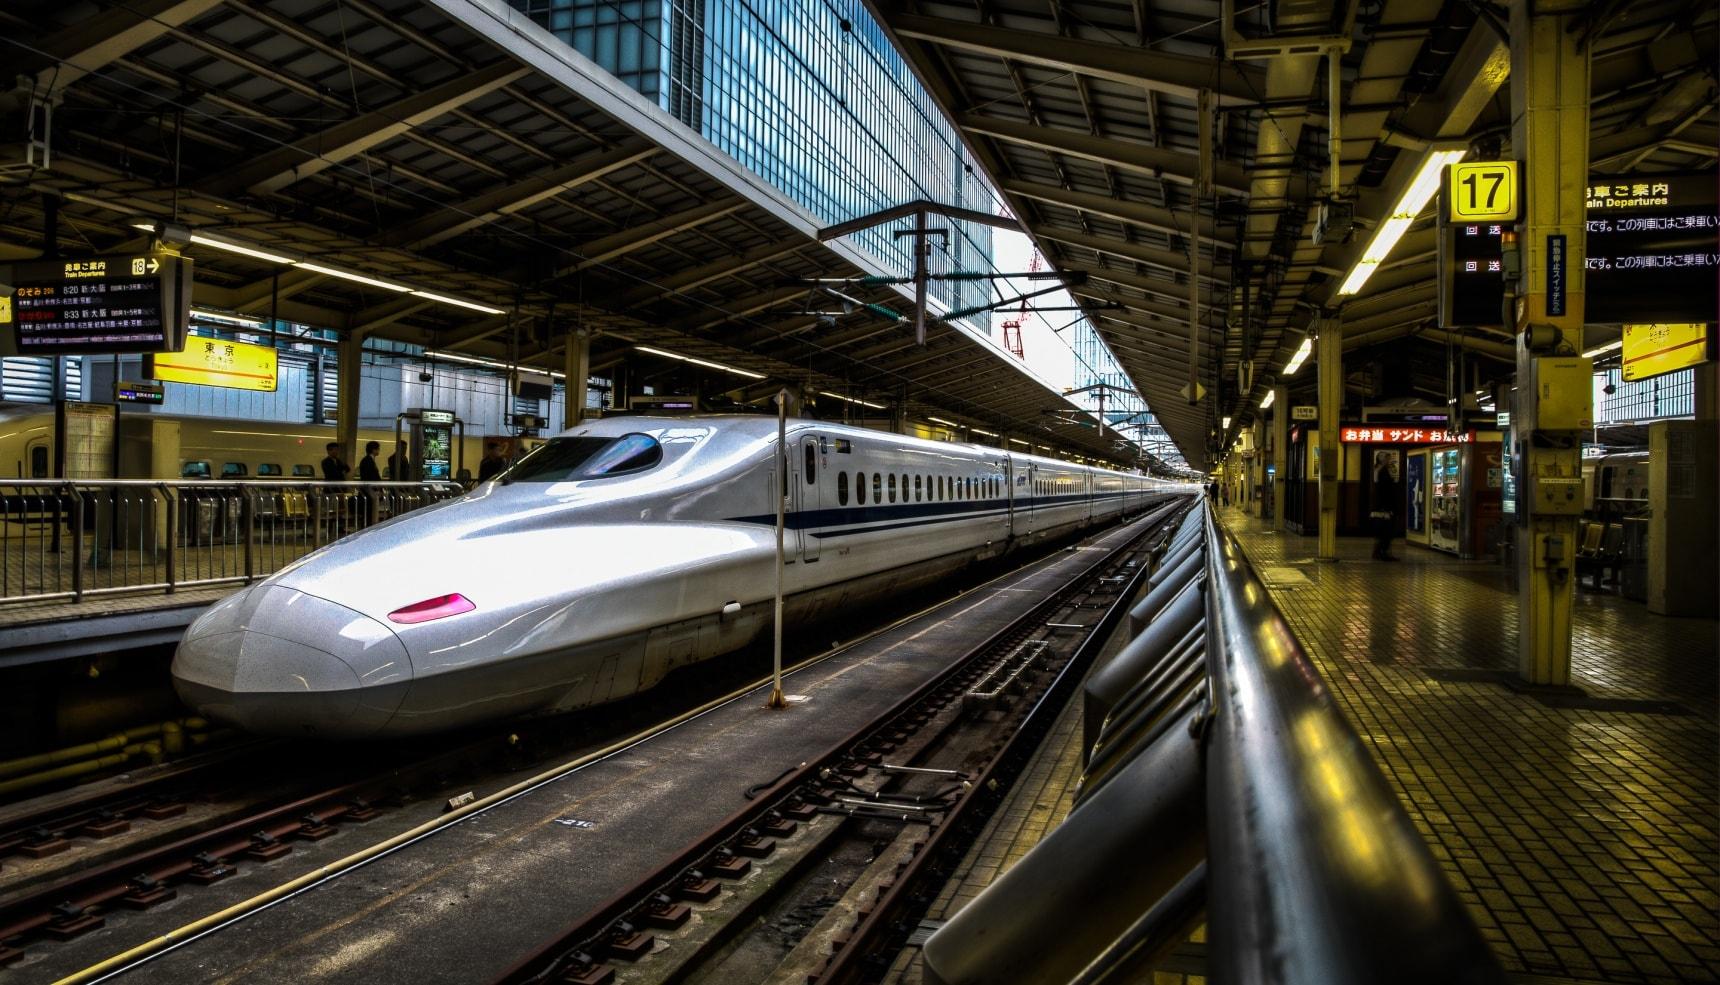 东京旅行基础攻略之电车篇